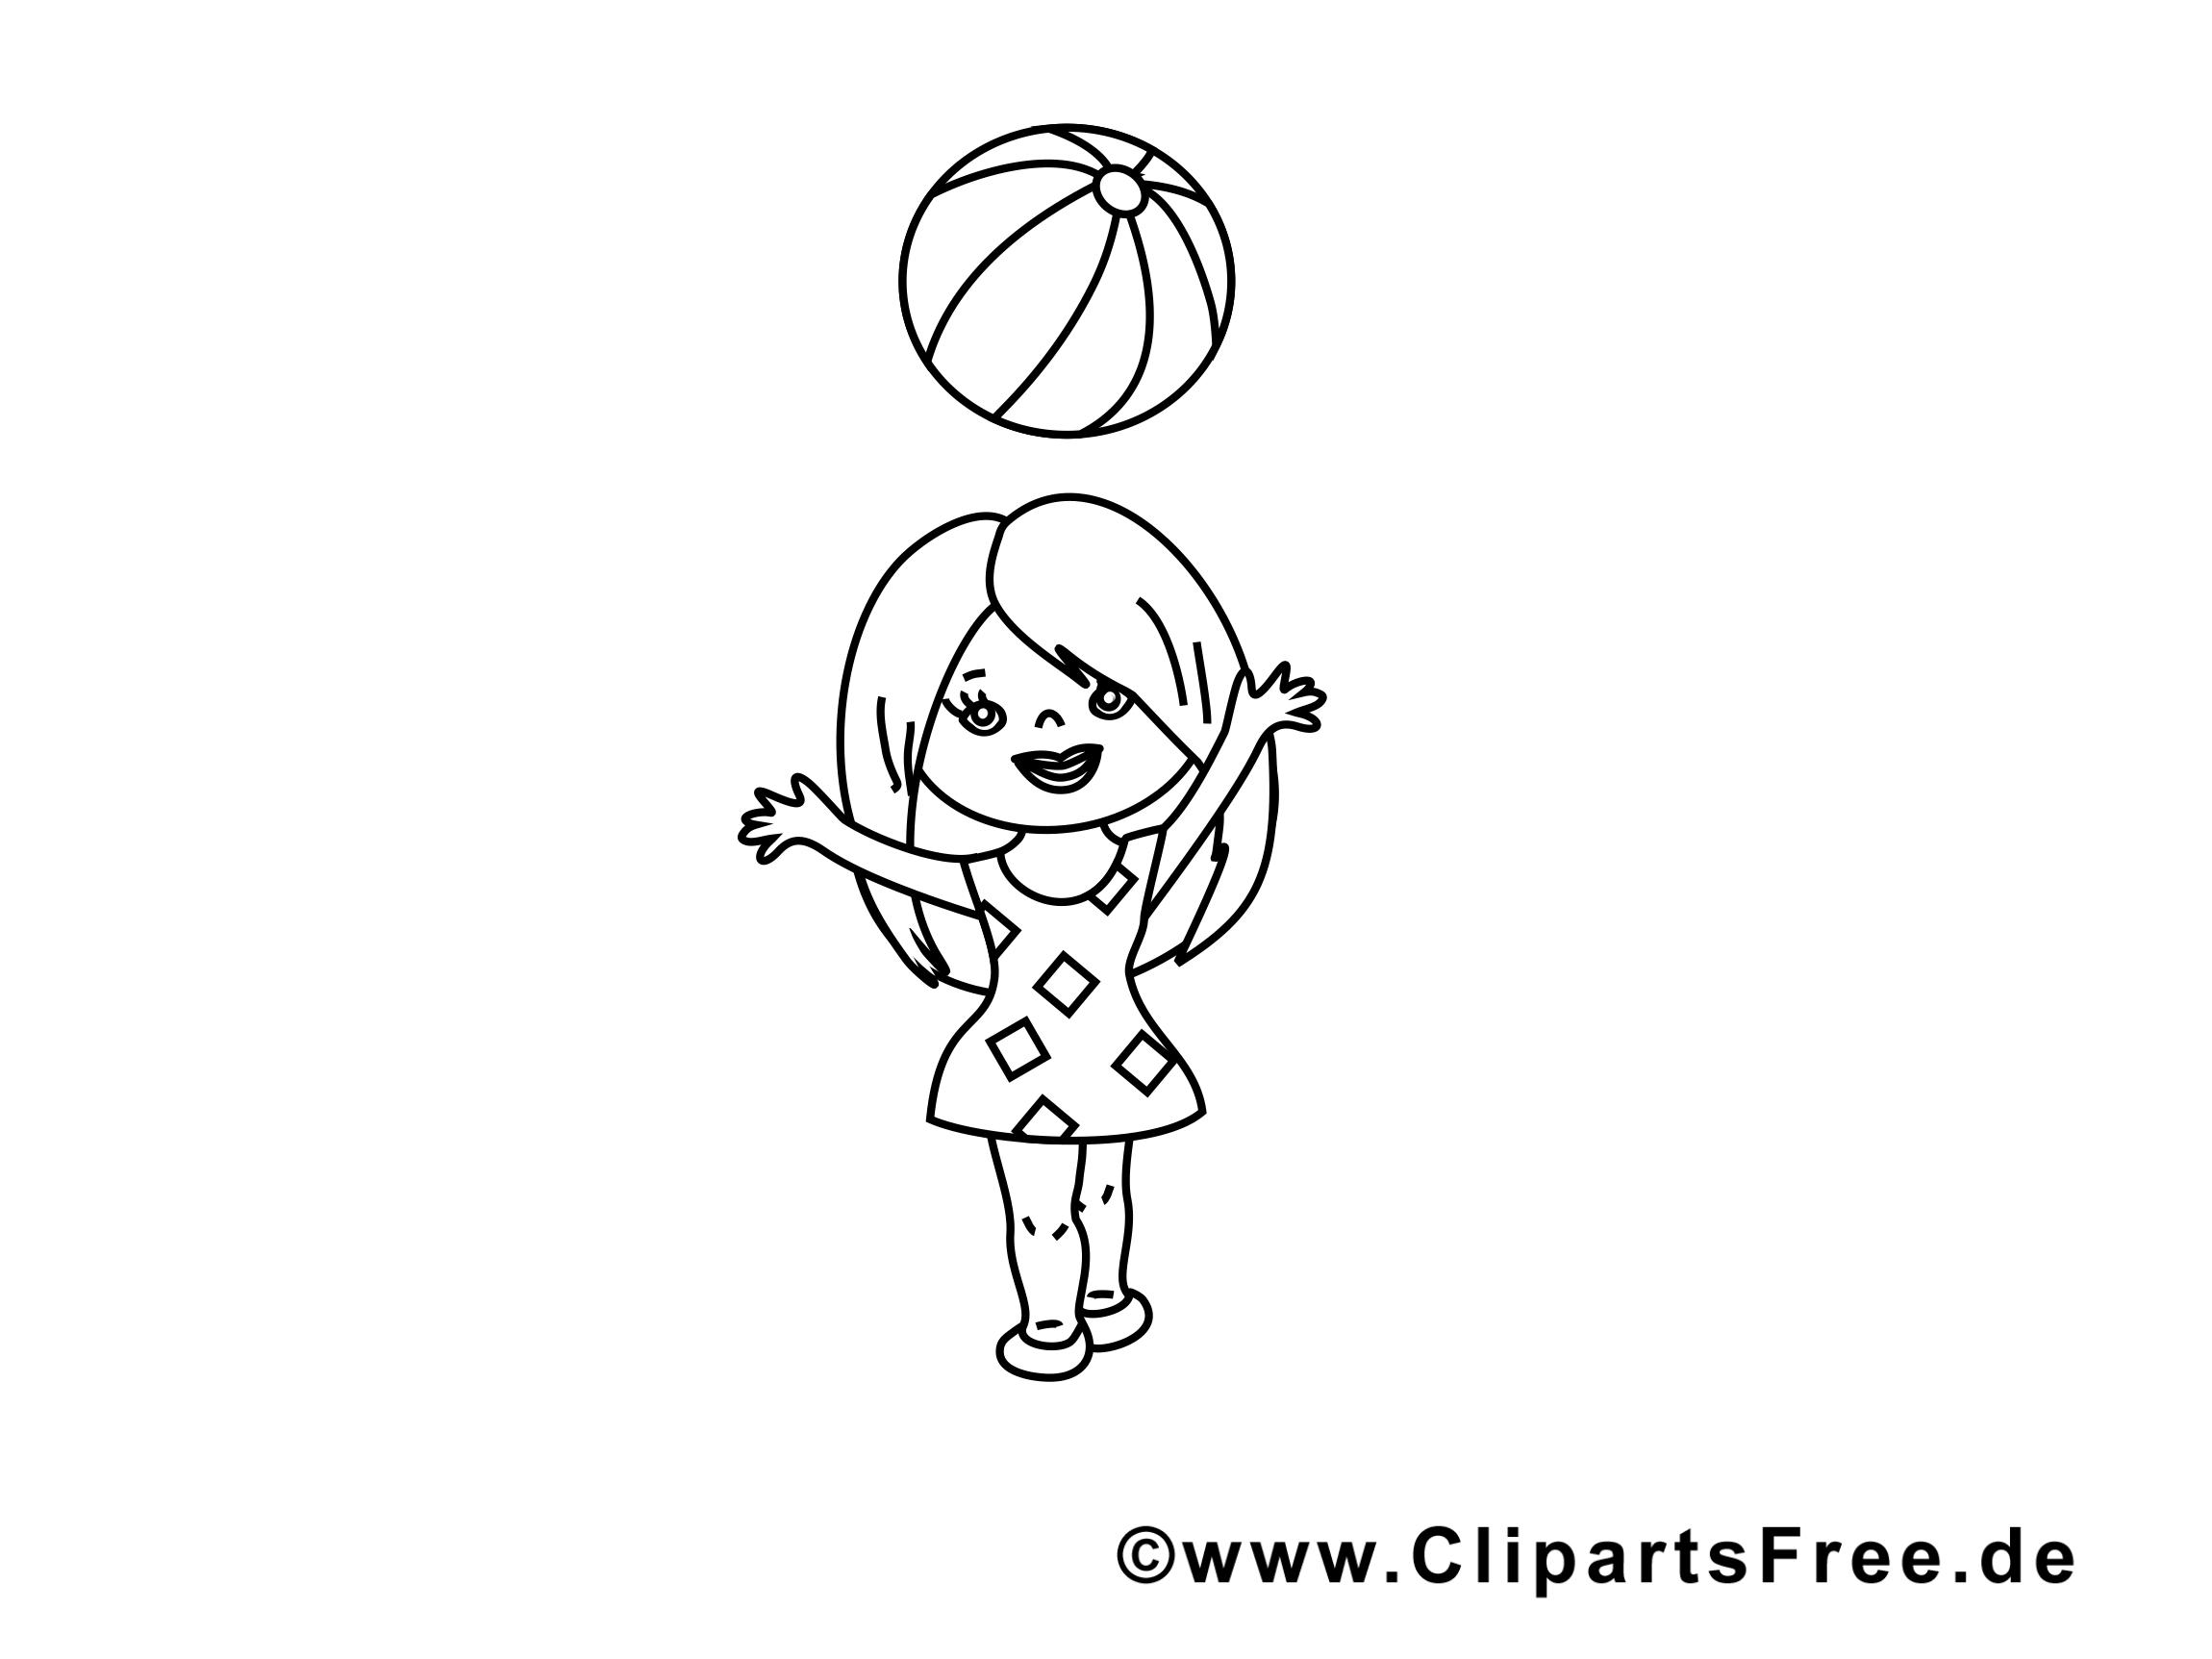 Balle fille image – Maternelle images à colorier